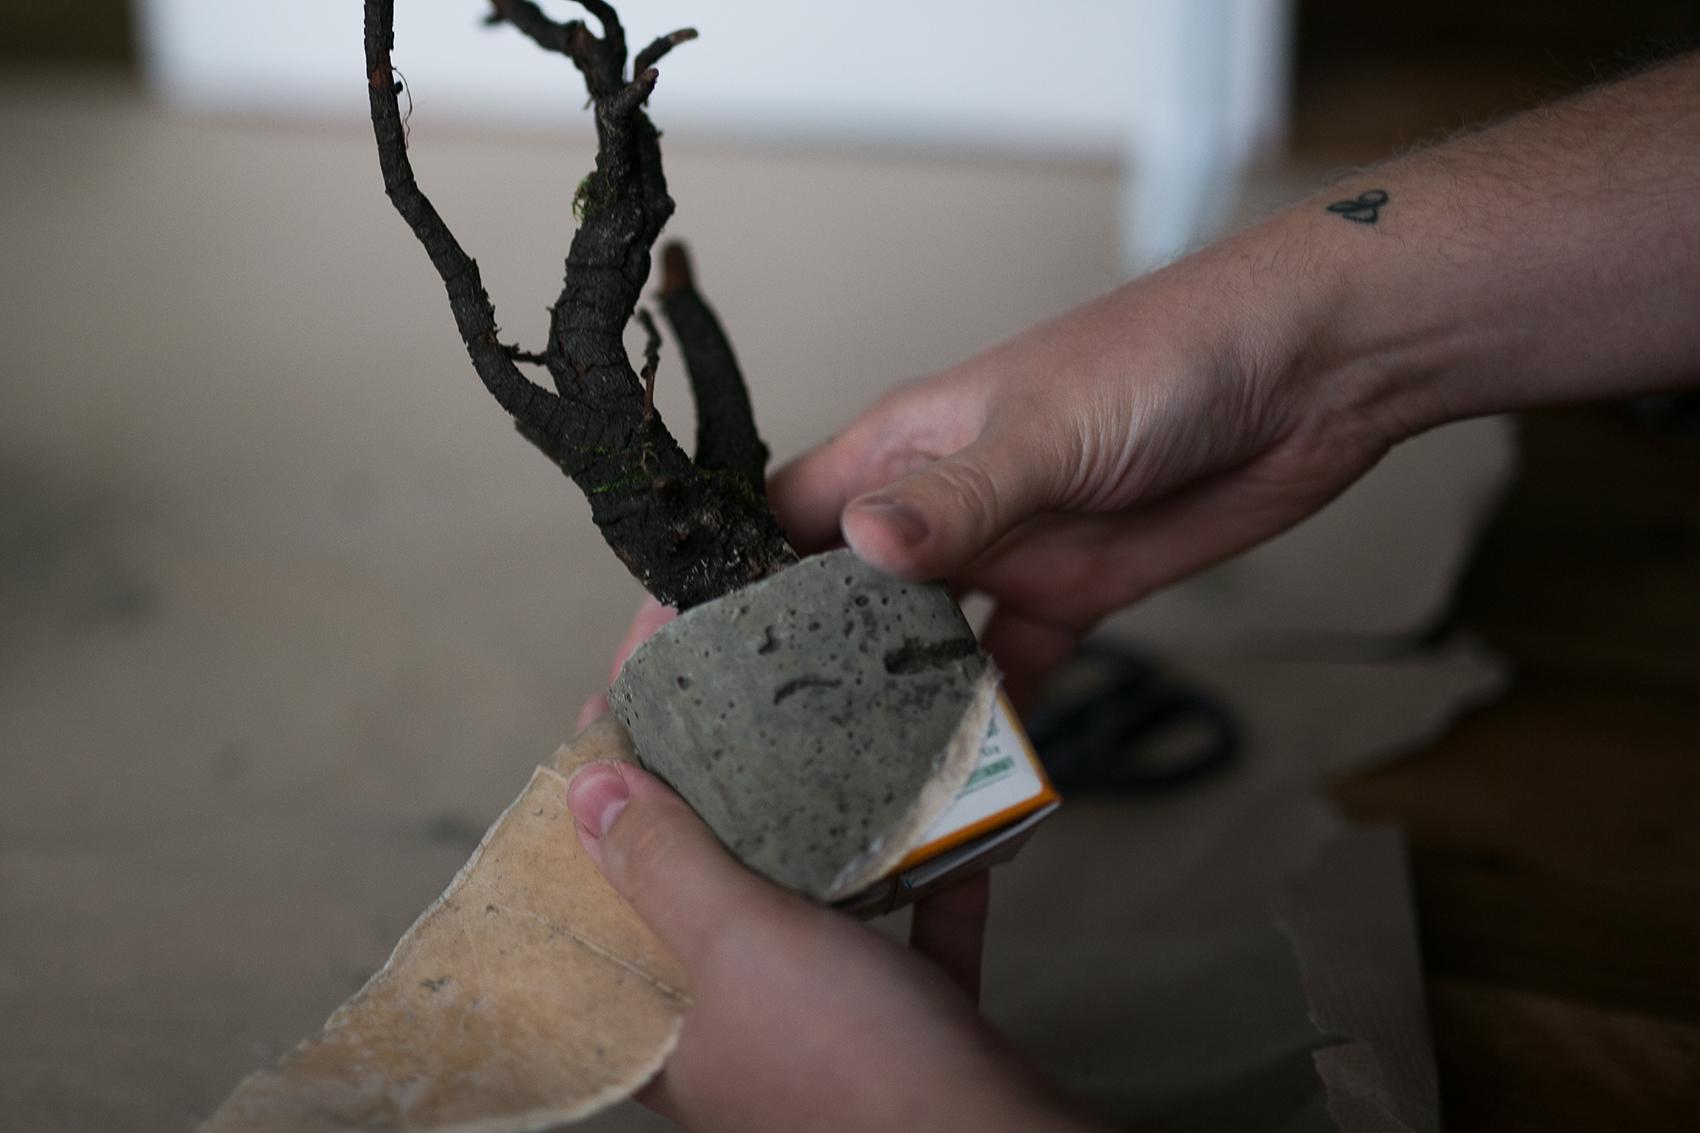 Beton Baum DIY Projekt aus dem Karton befreien